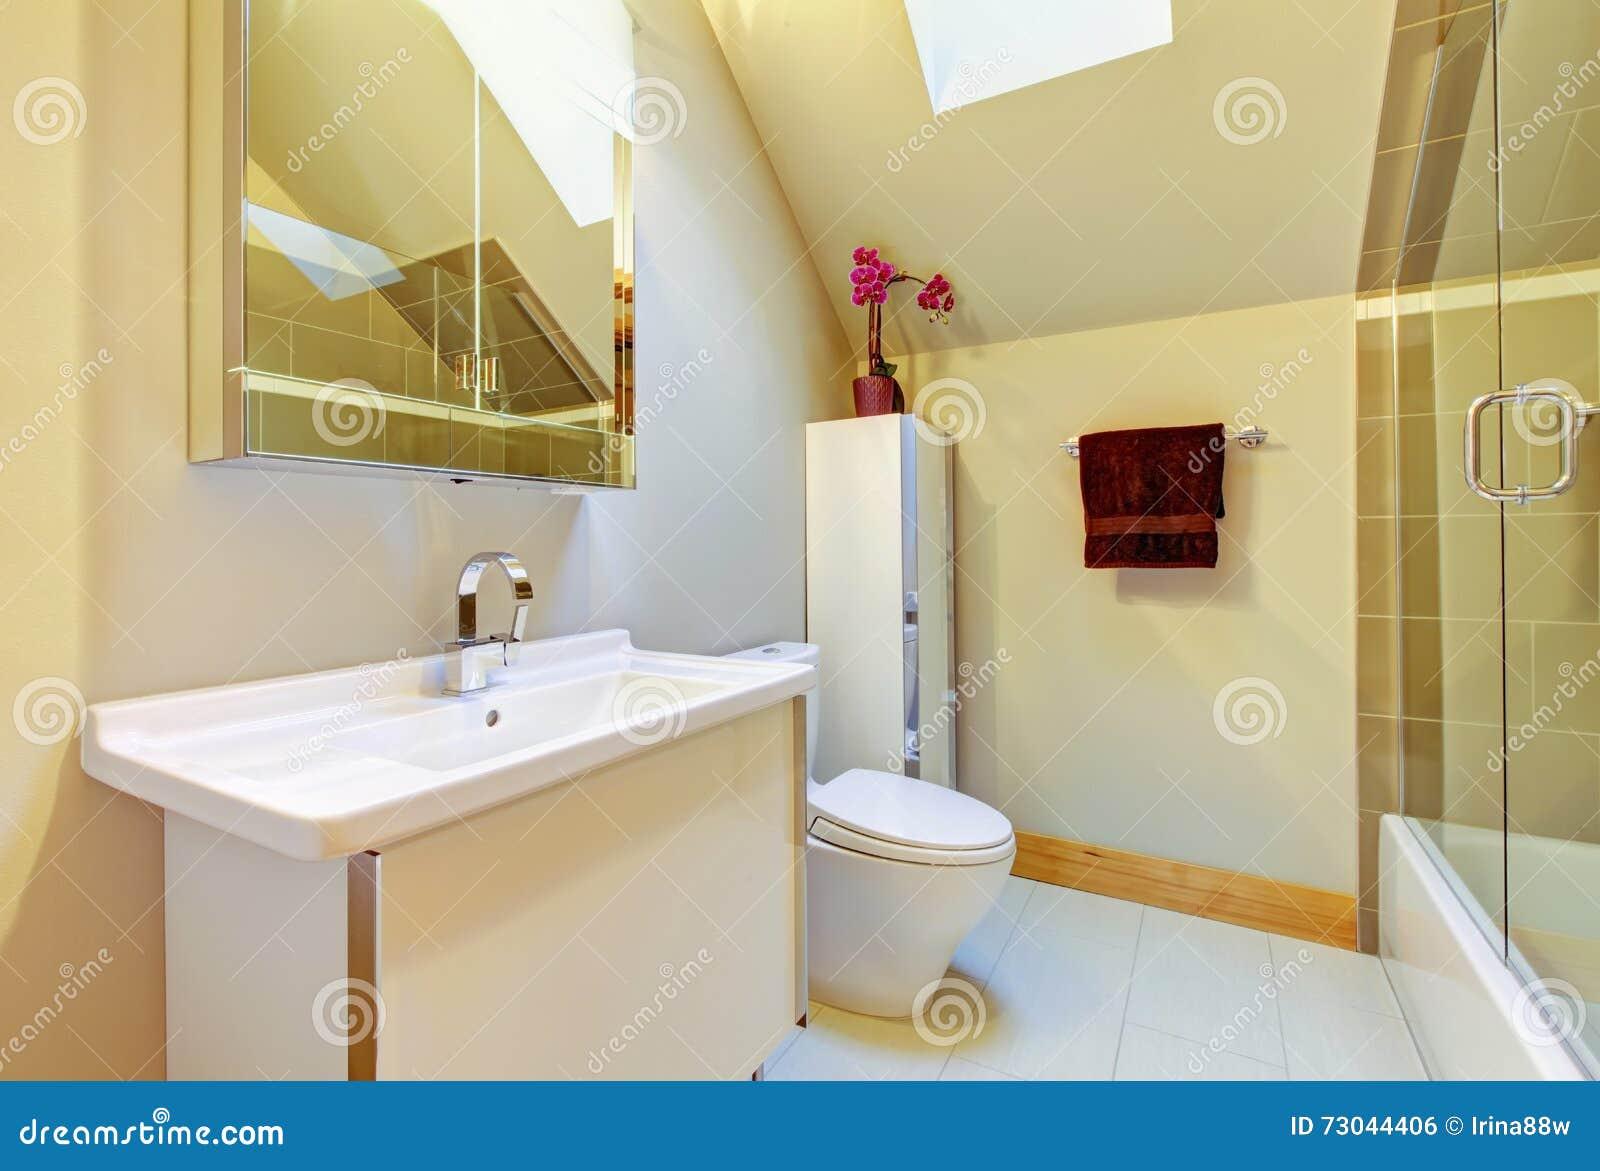 Bagno Beige Piccolo : Piccolo bagno beige con la doccia la toilette ed il soffitto arcato